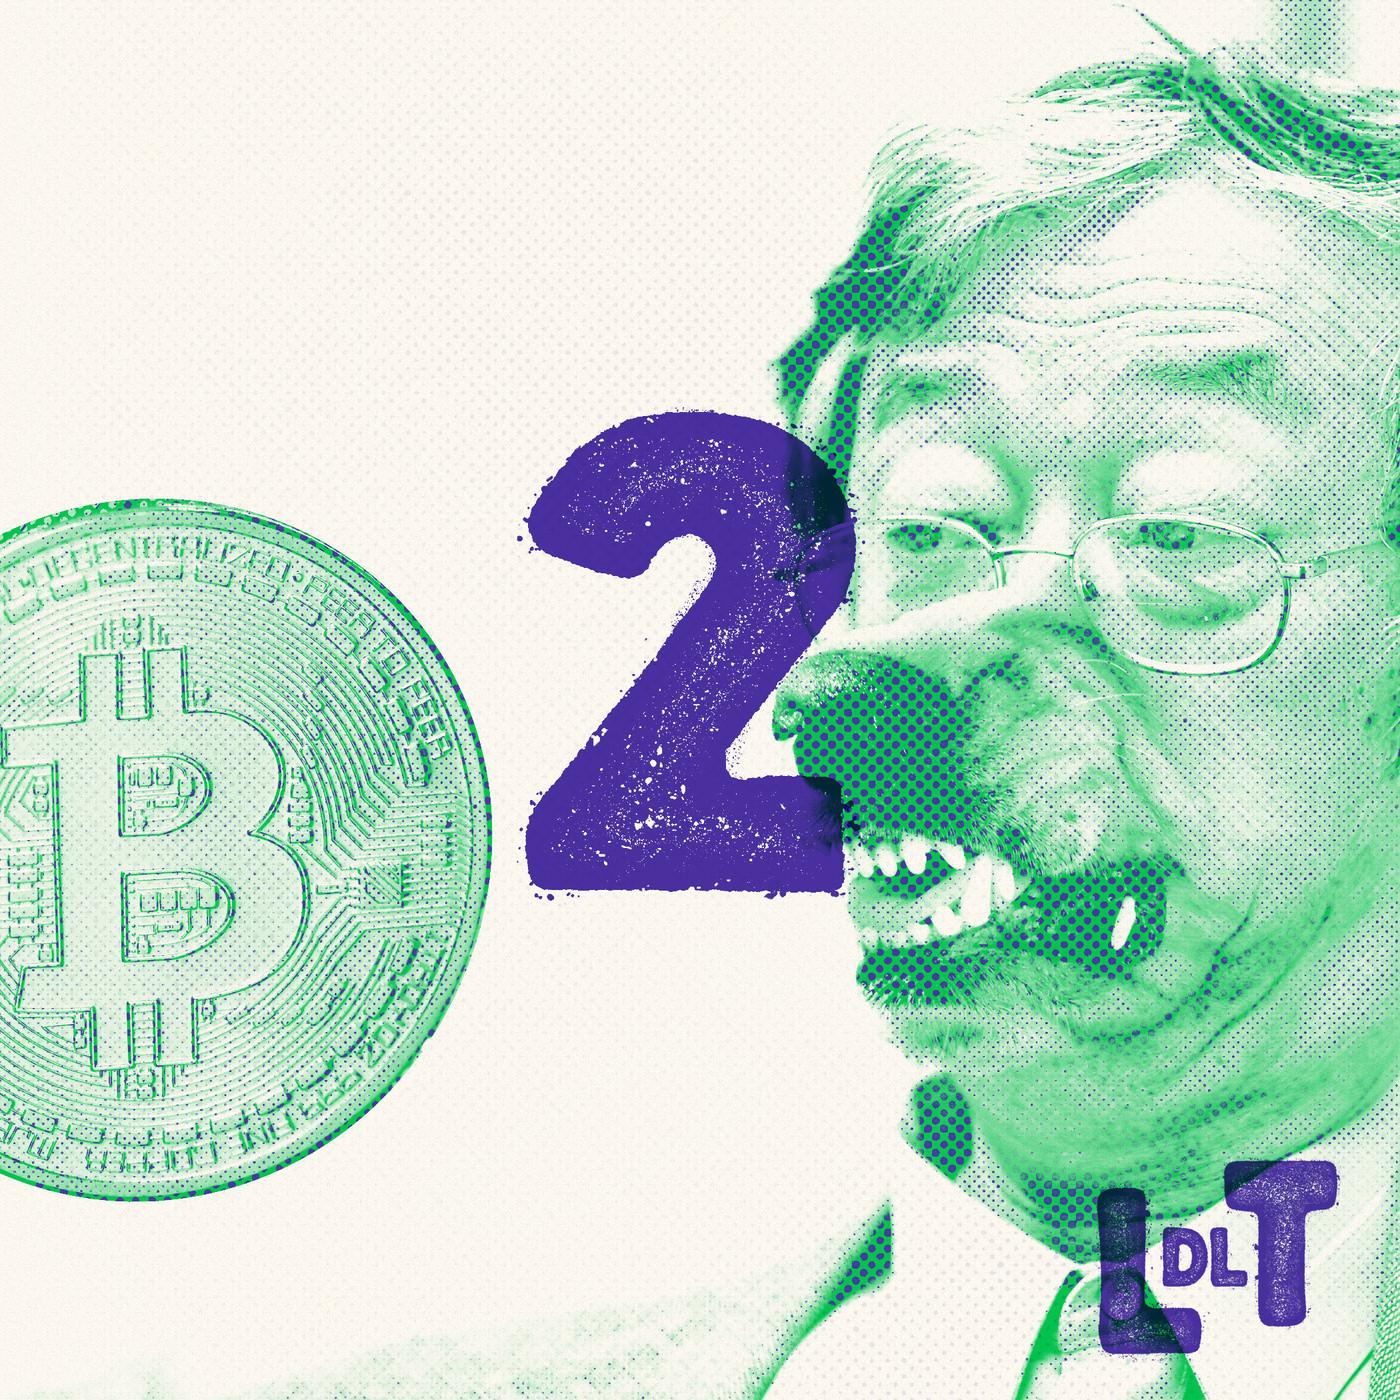 LDLT 02 - Los Bitcoin serán los maravedíes del futuro